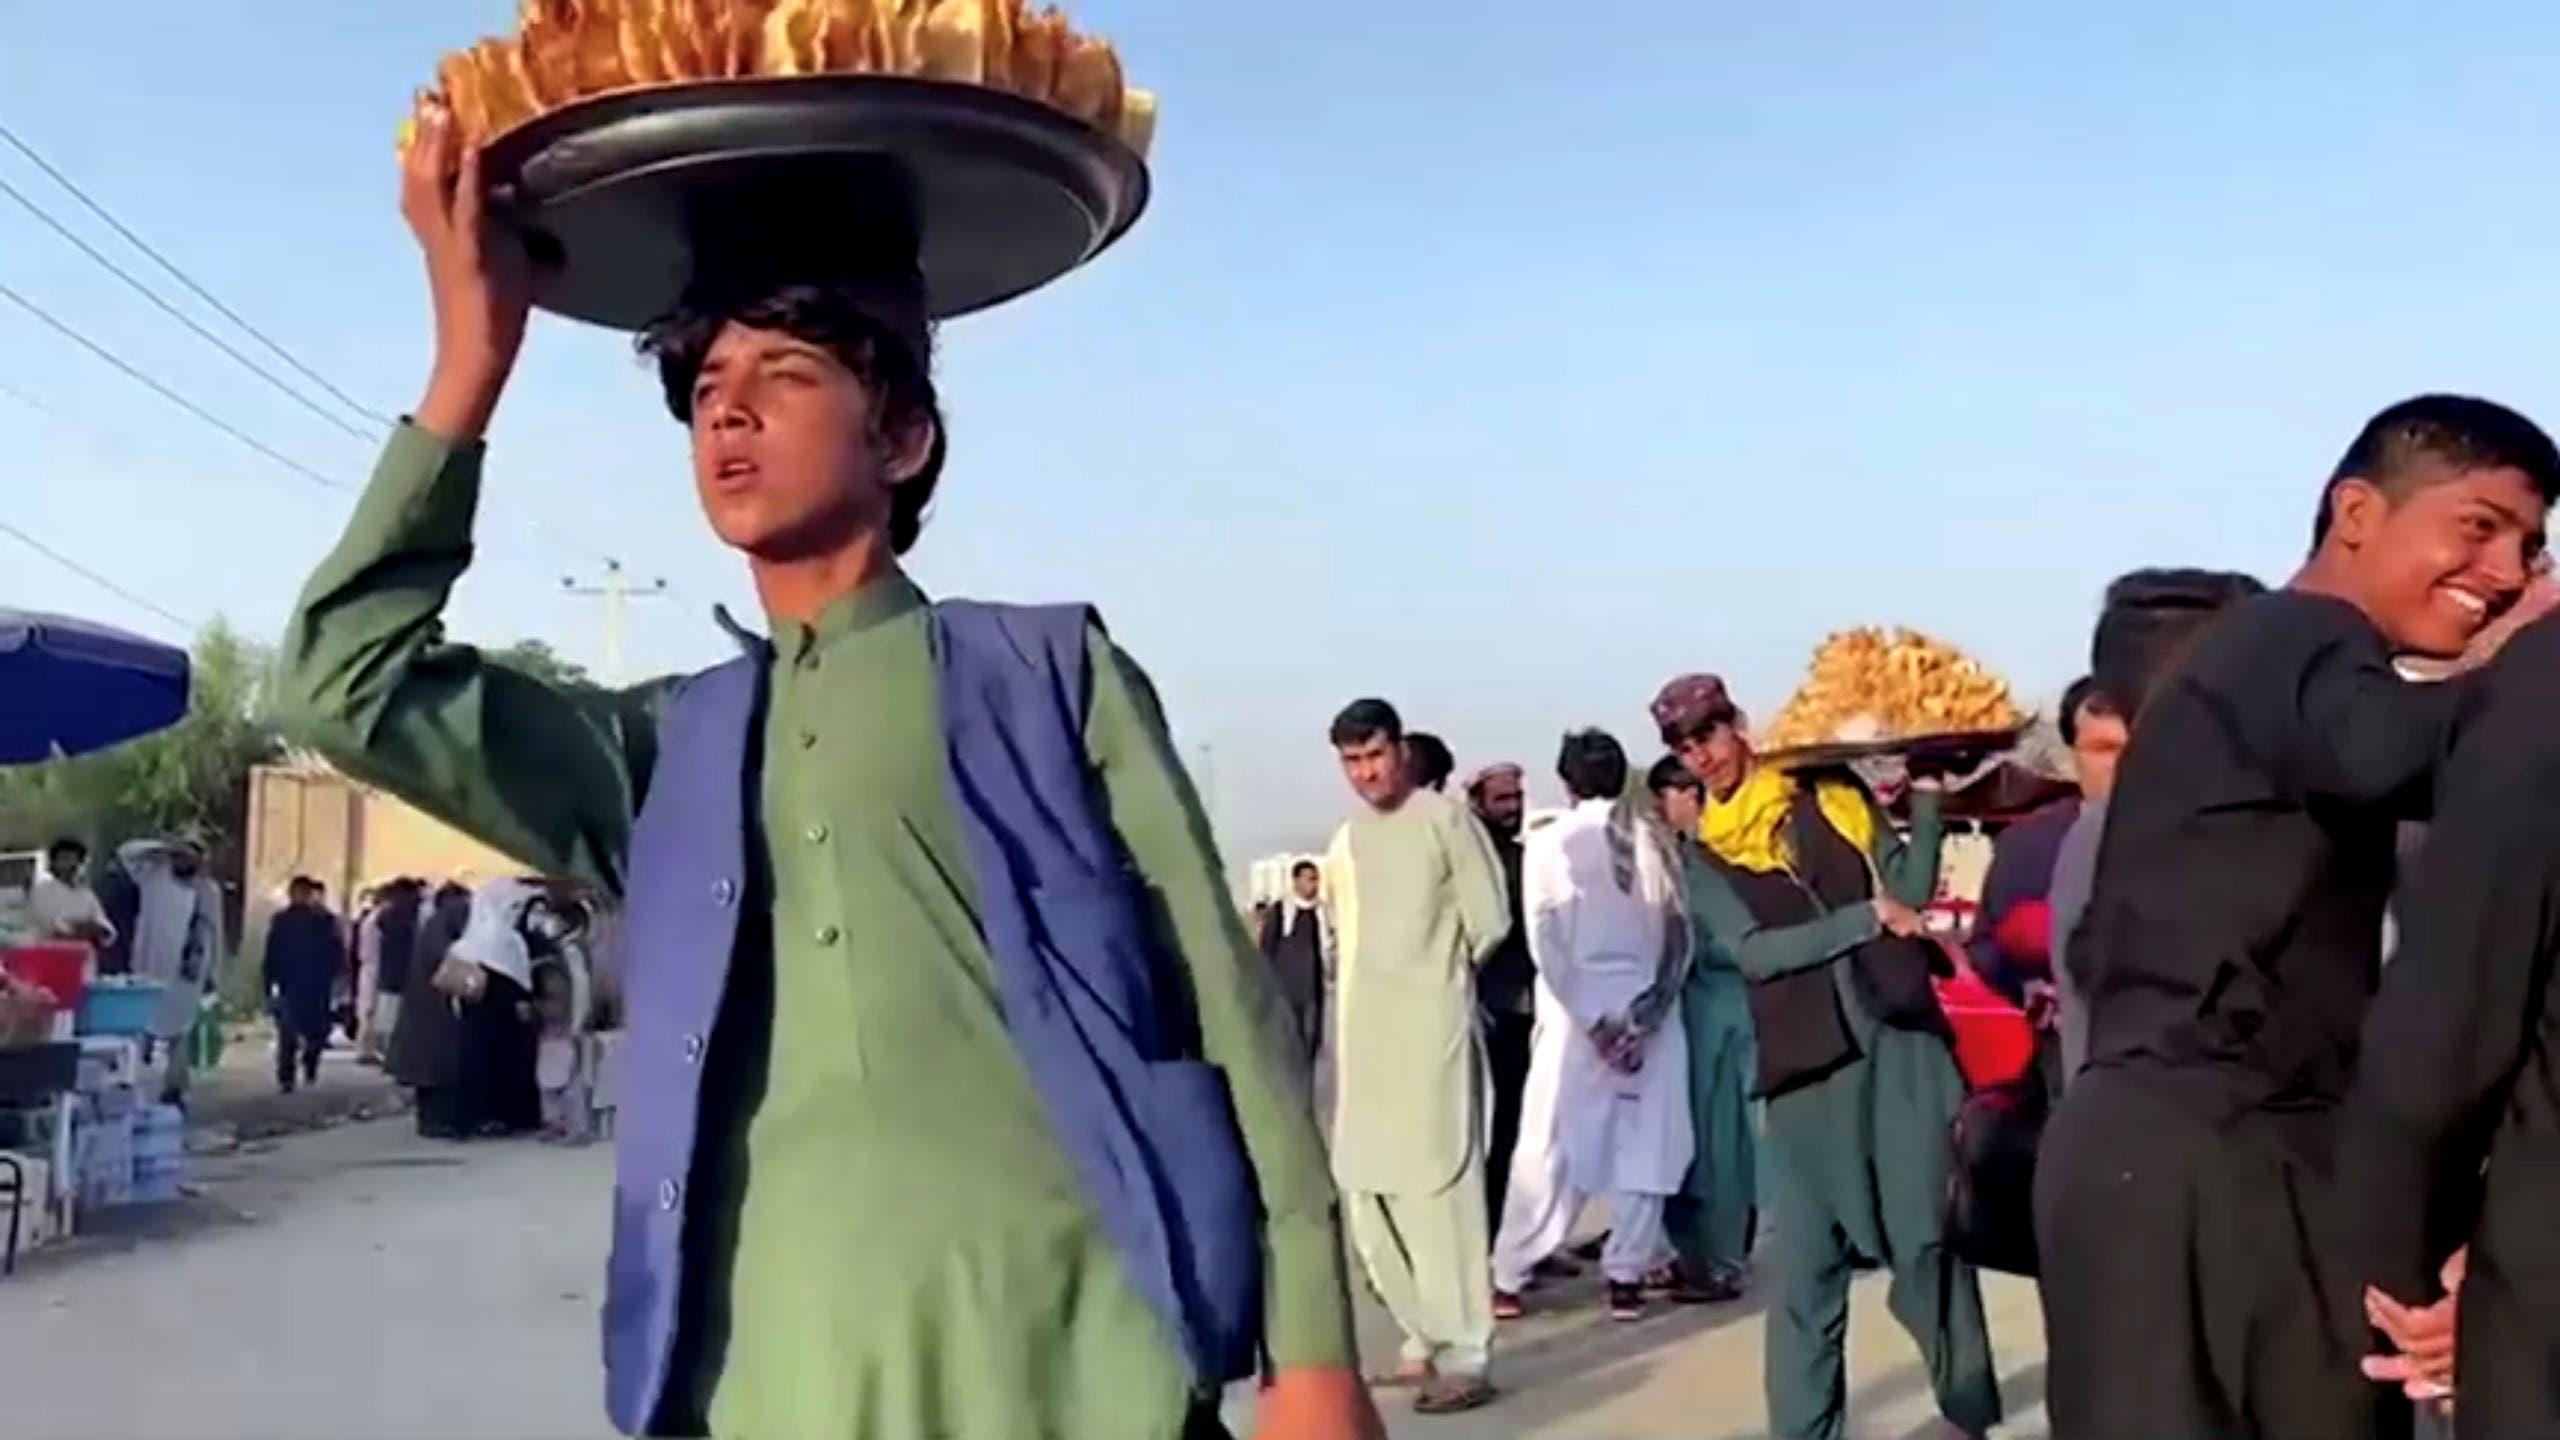 بائع متجول يعرض المأكولات على المنتظرين أمام مطار كابل